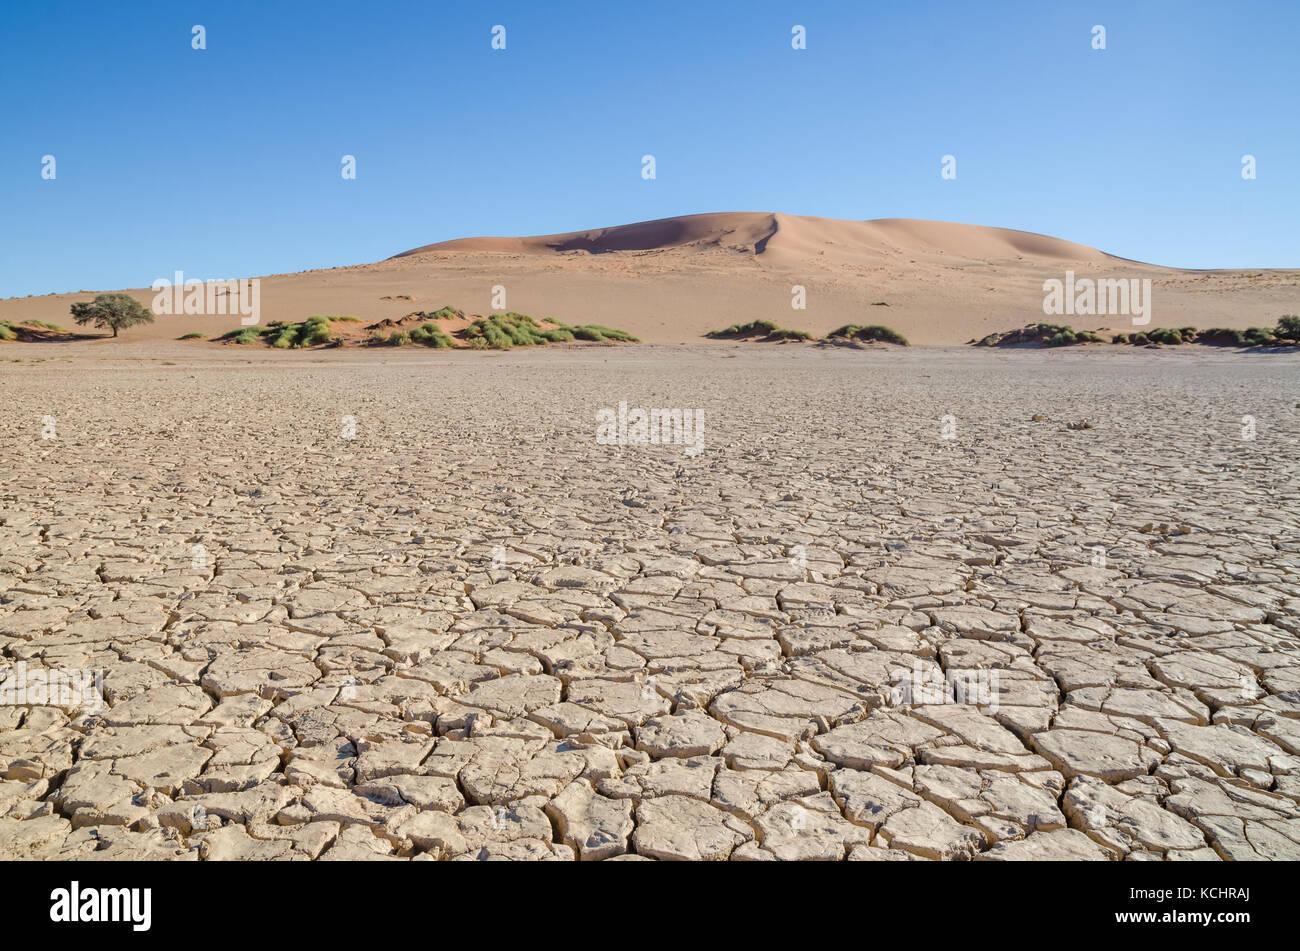 Belles hautes dunes de sable rouge et sec à la surface de l'argile fissurée célèbre sossusvlei dans le désert de Namib, Namibie, Afrique Banque D'Images